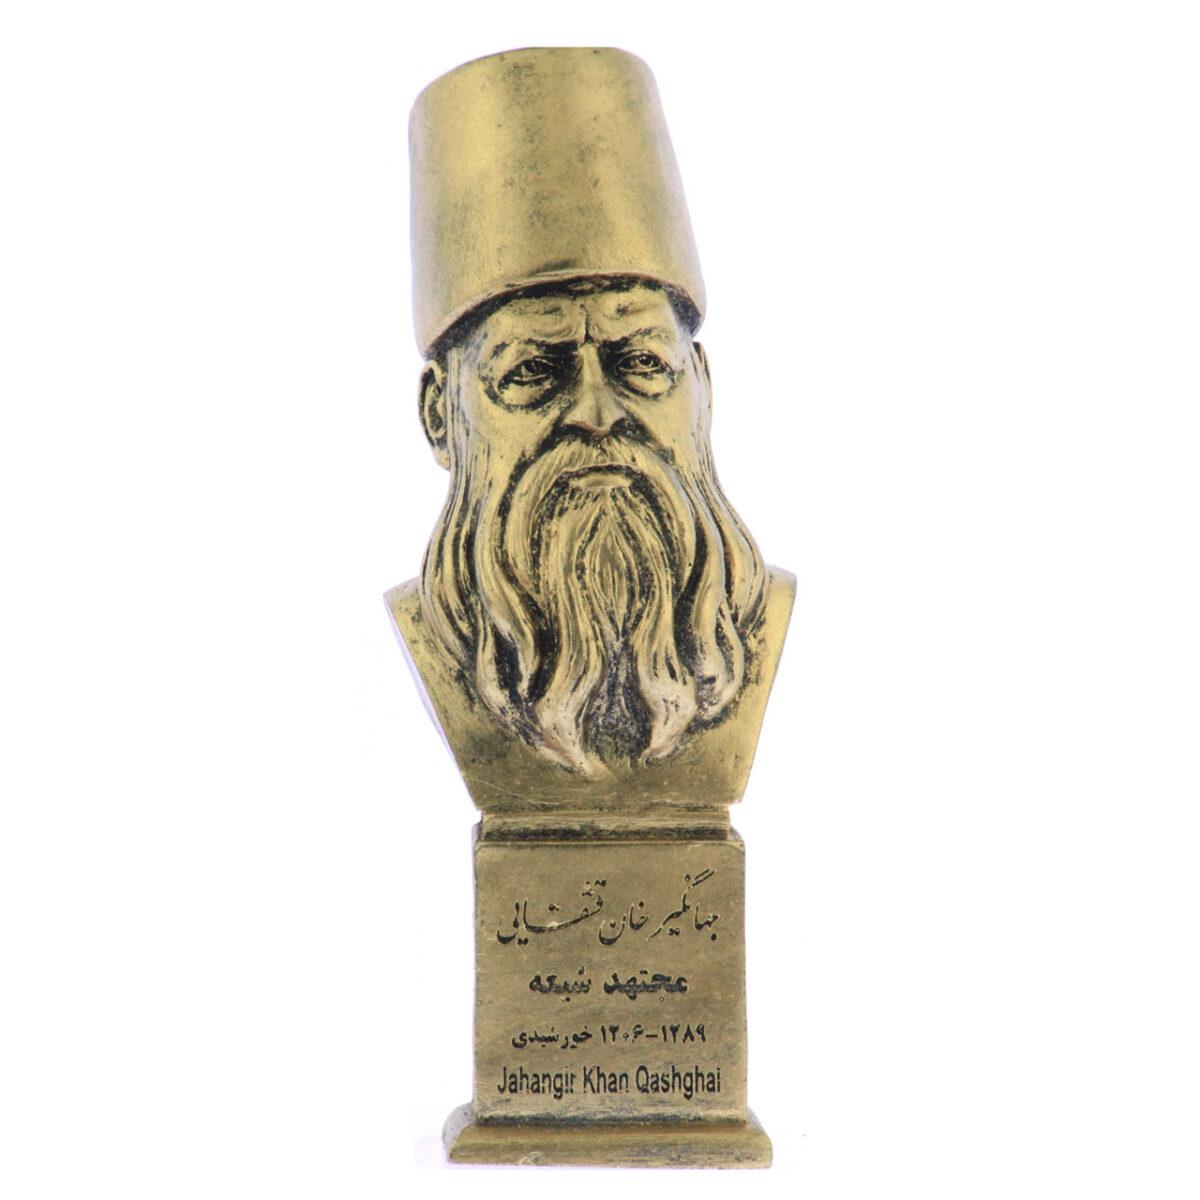 jahangir khan ghashghaei b 1200x1200 - سردیس آیت الله جهانگیر خان قشقایی